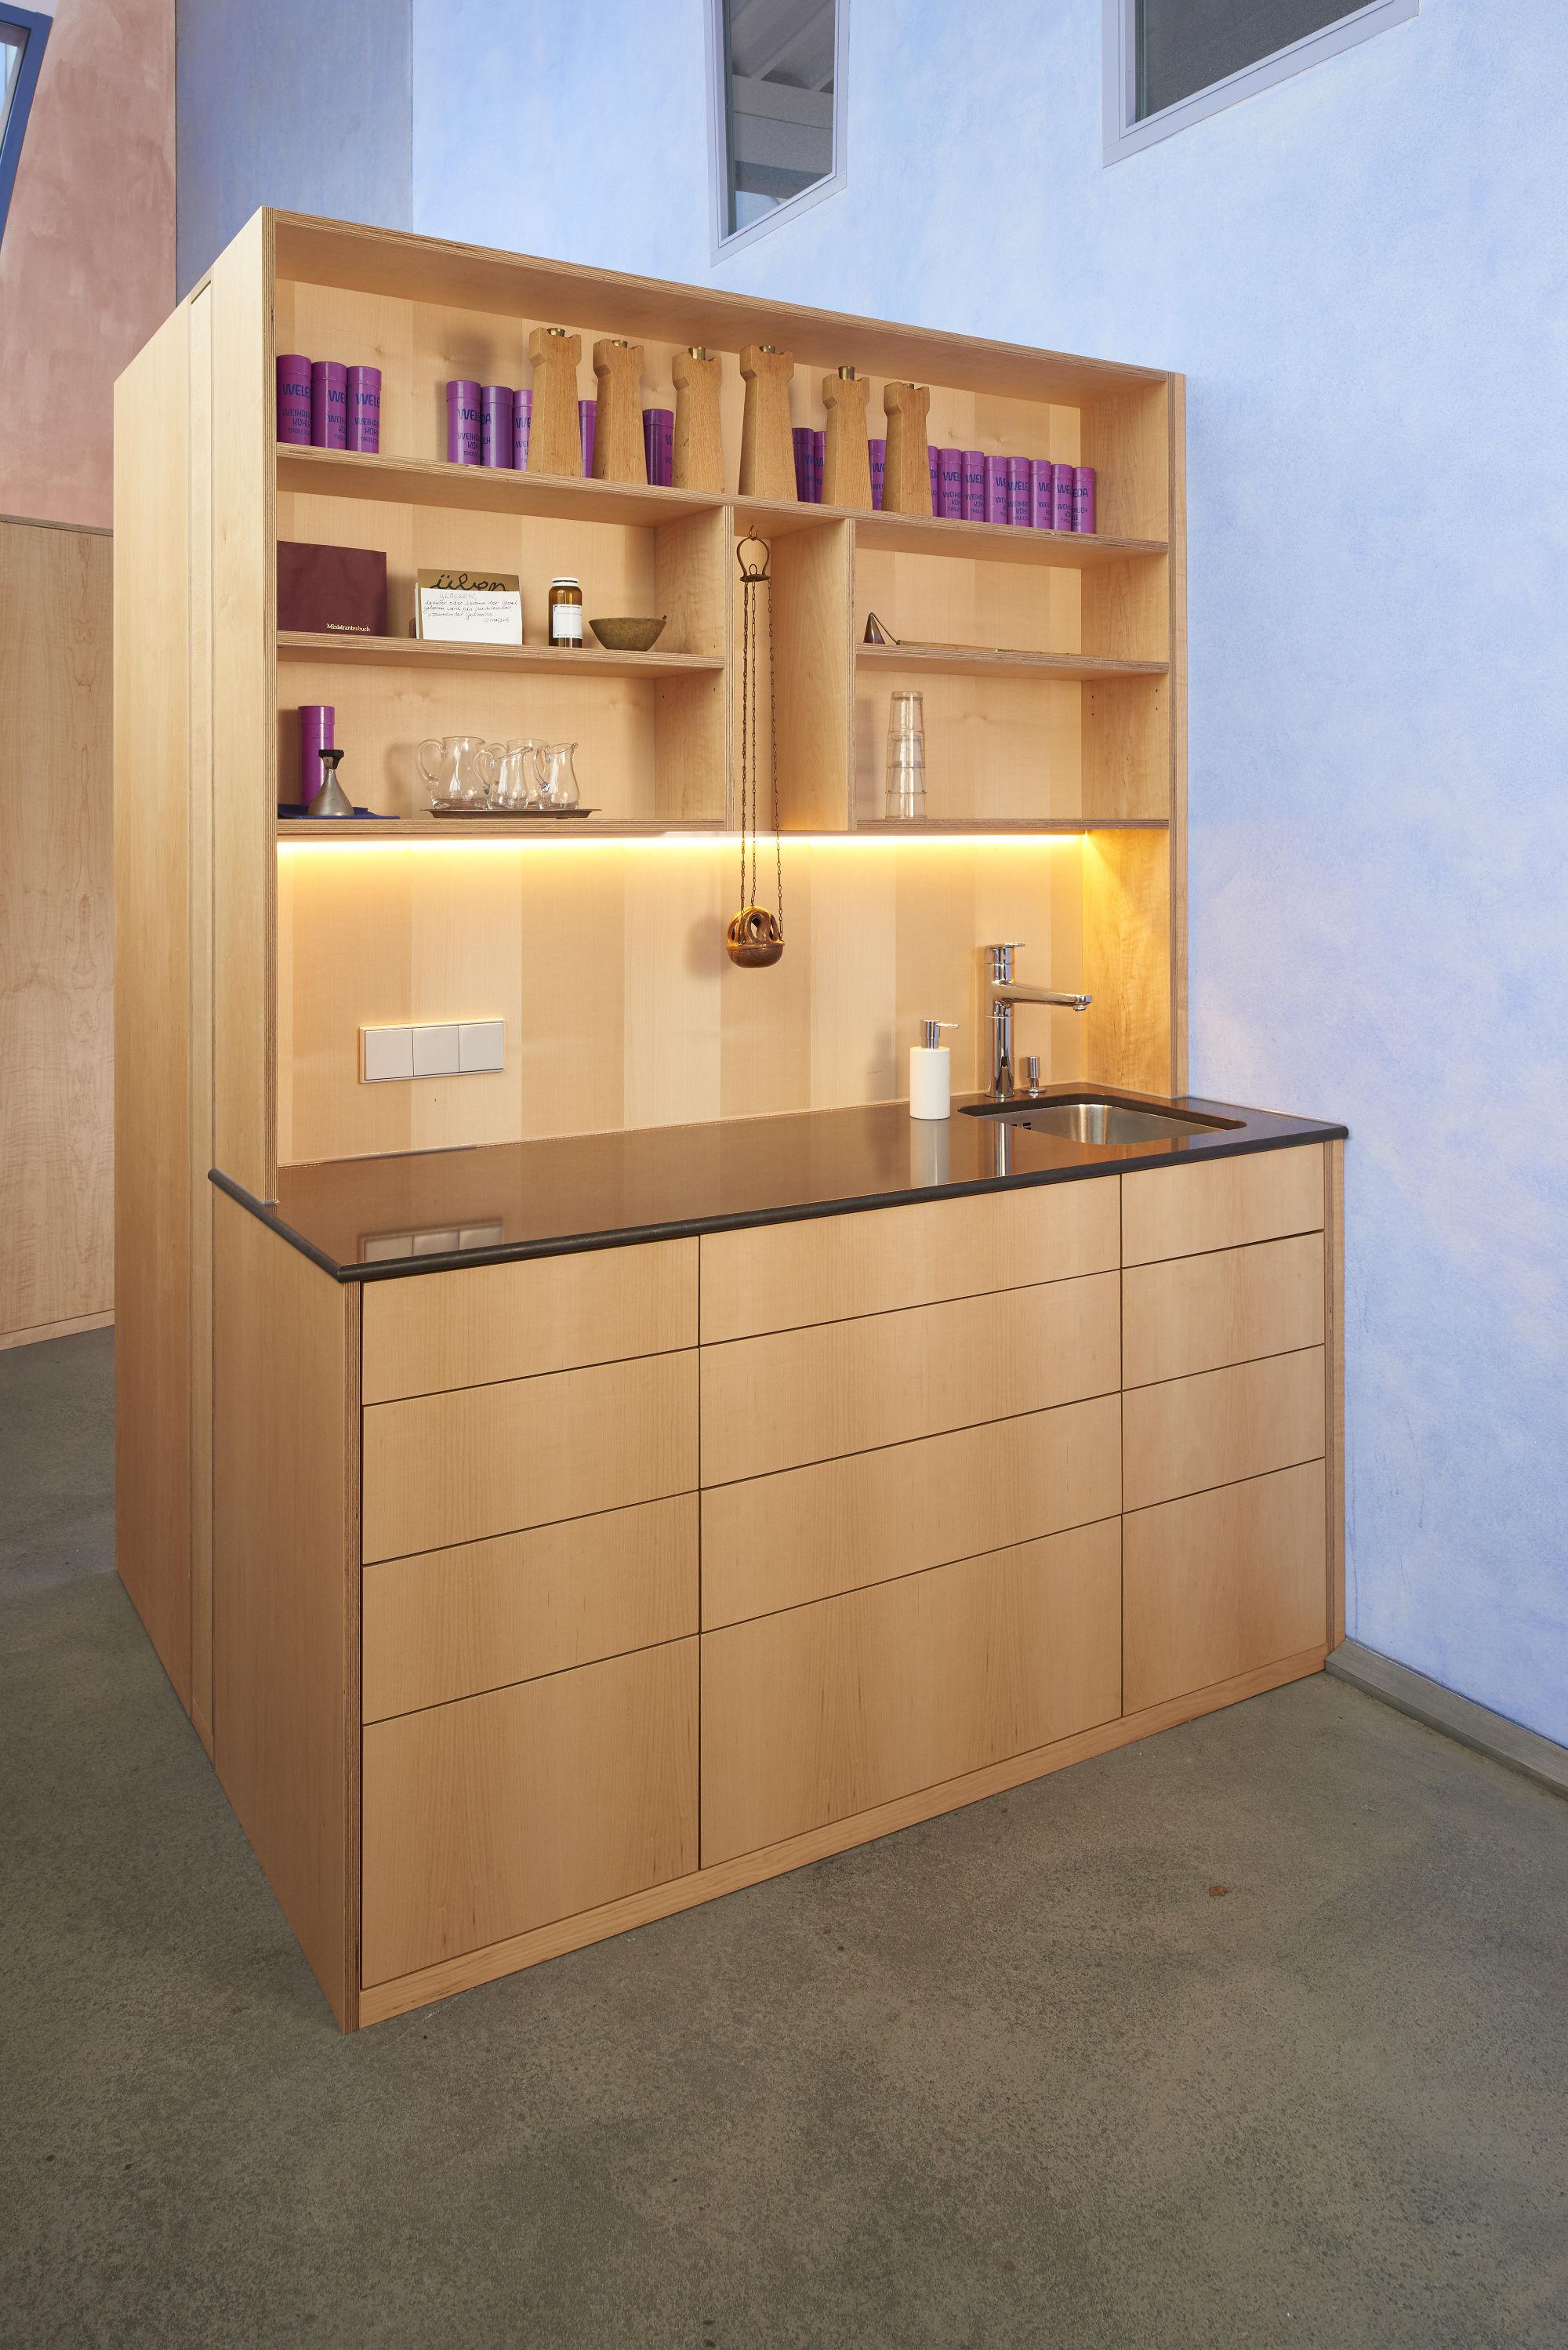 Büro, Praxis, Ladenbau 7 - Möbel Bühler - Schorndorf